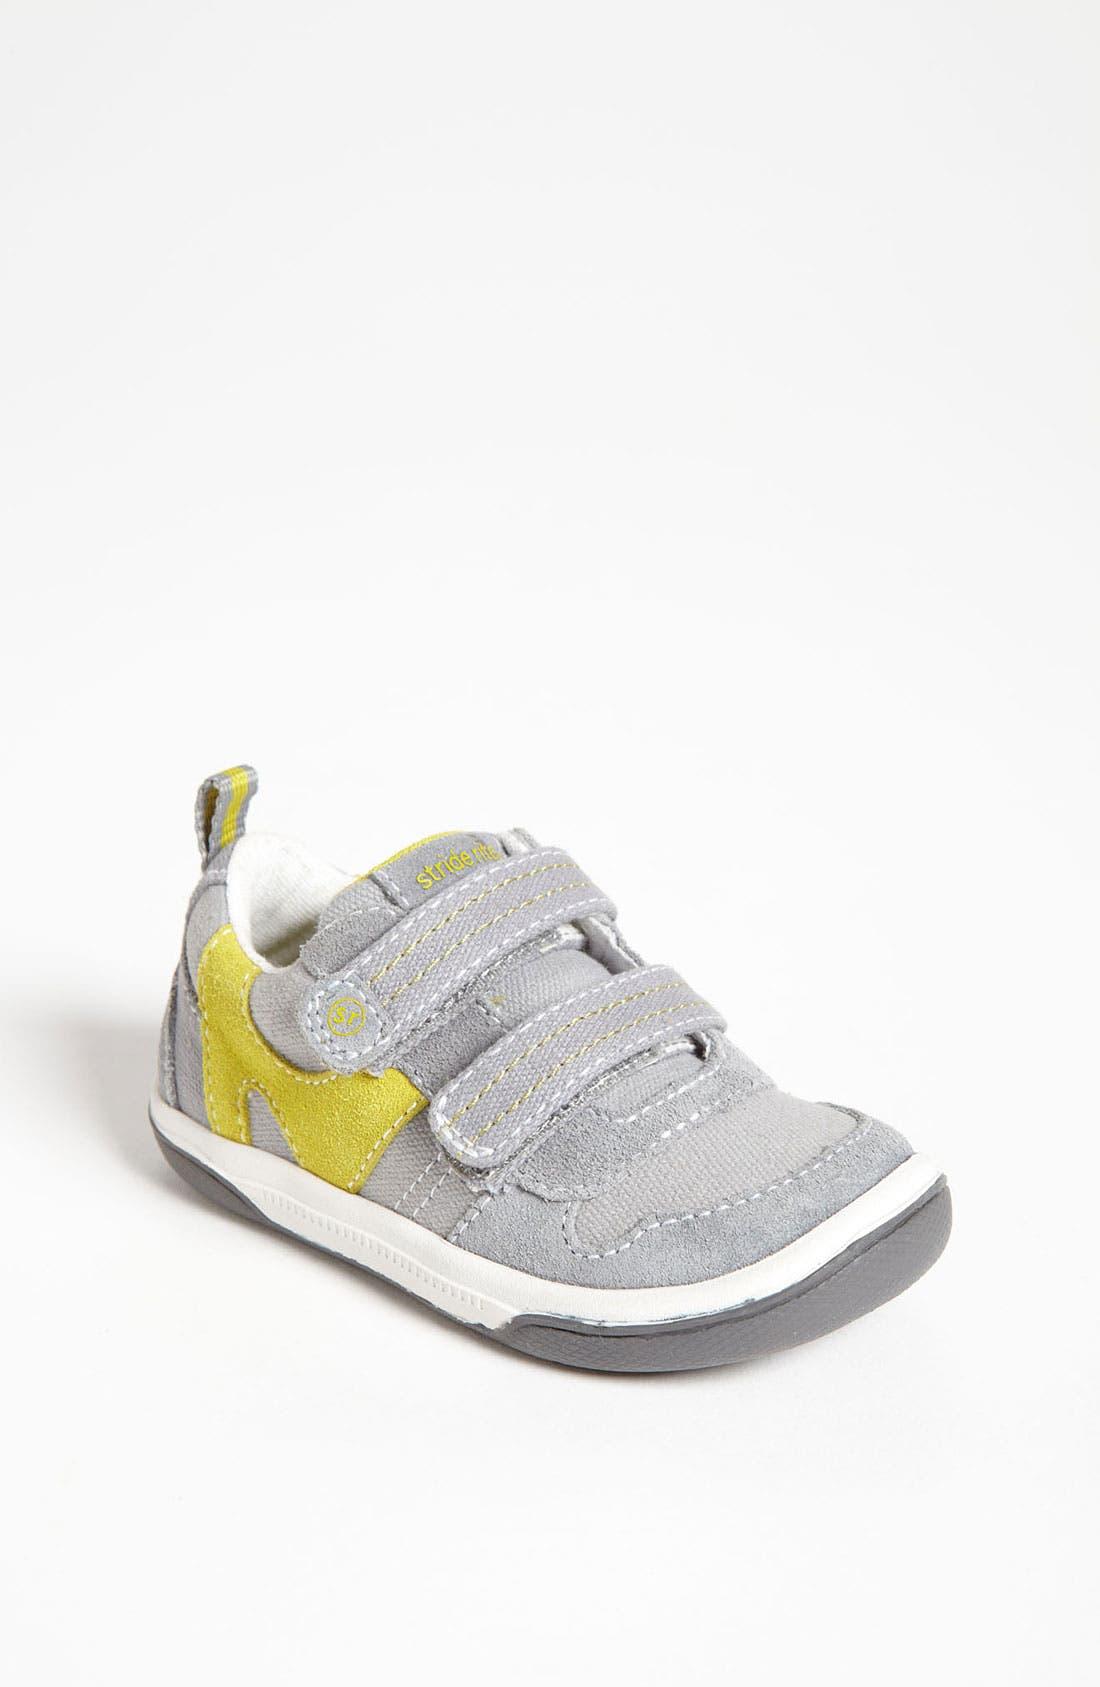 Main Image - Stride Rite 'Jamison' Sneaker (Baby, Walker & Toddler)